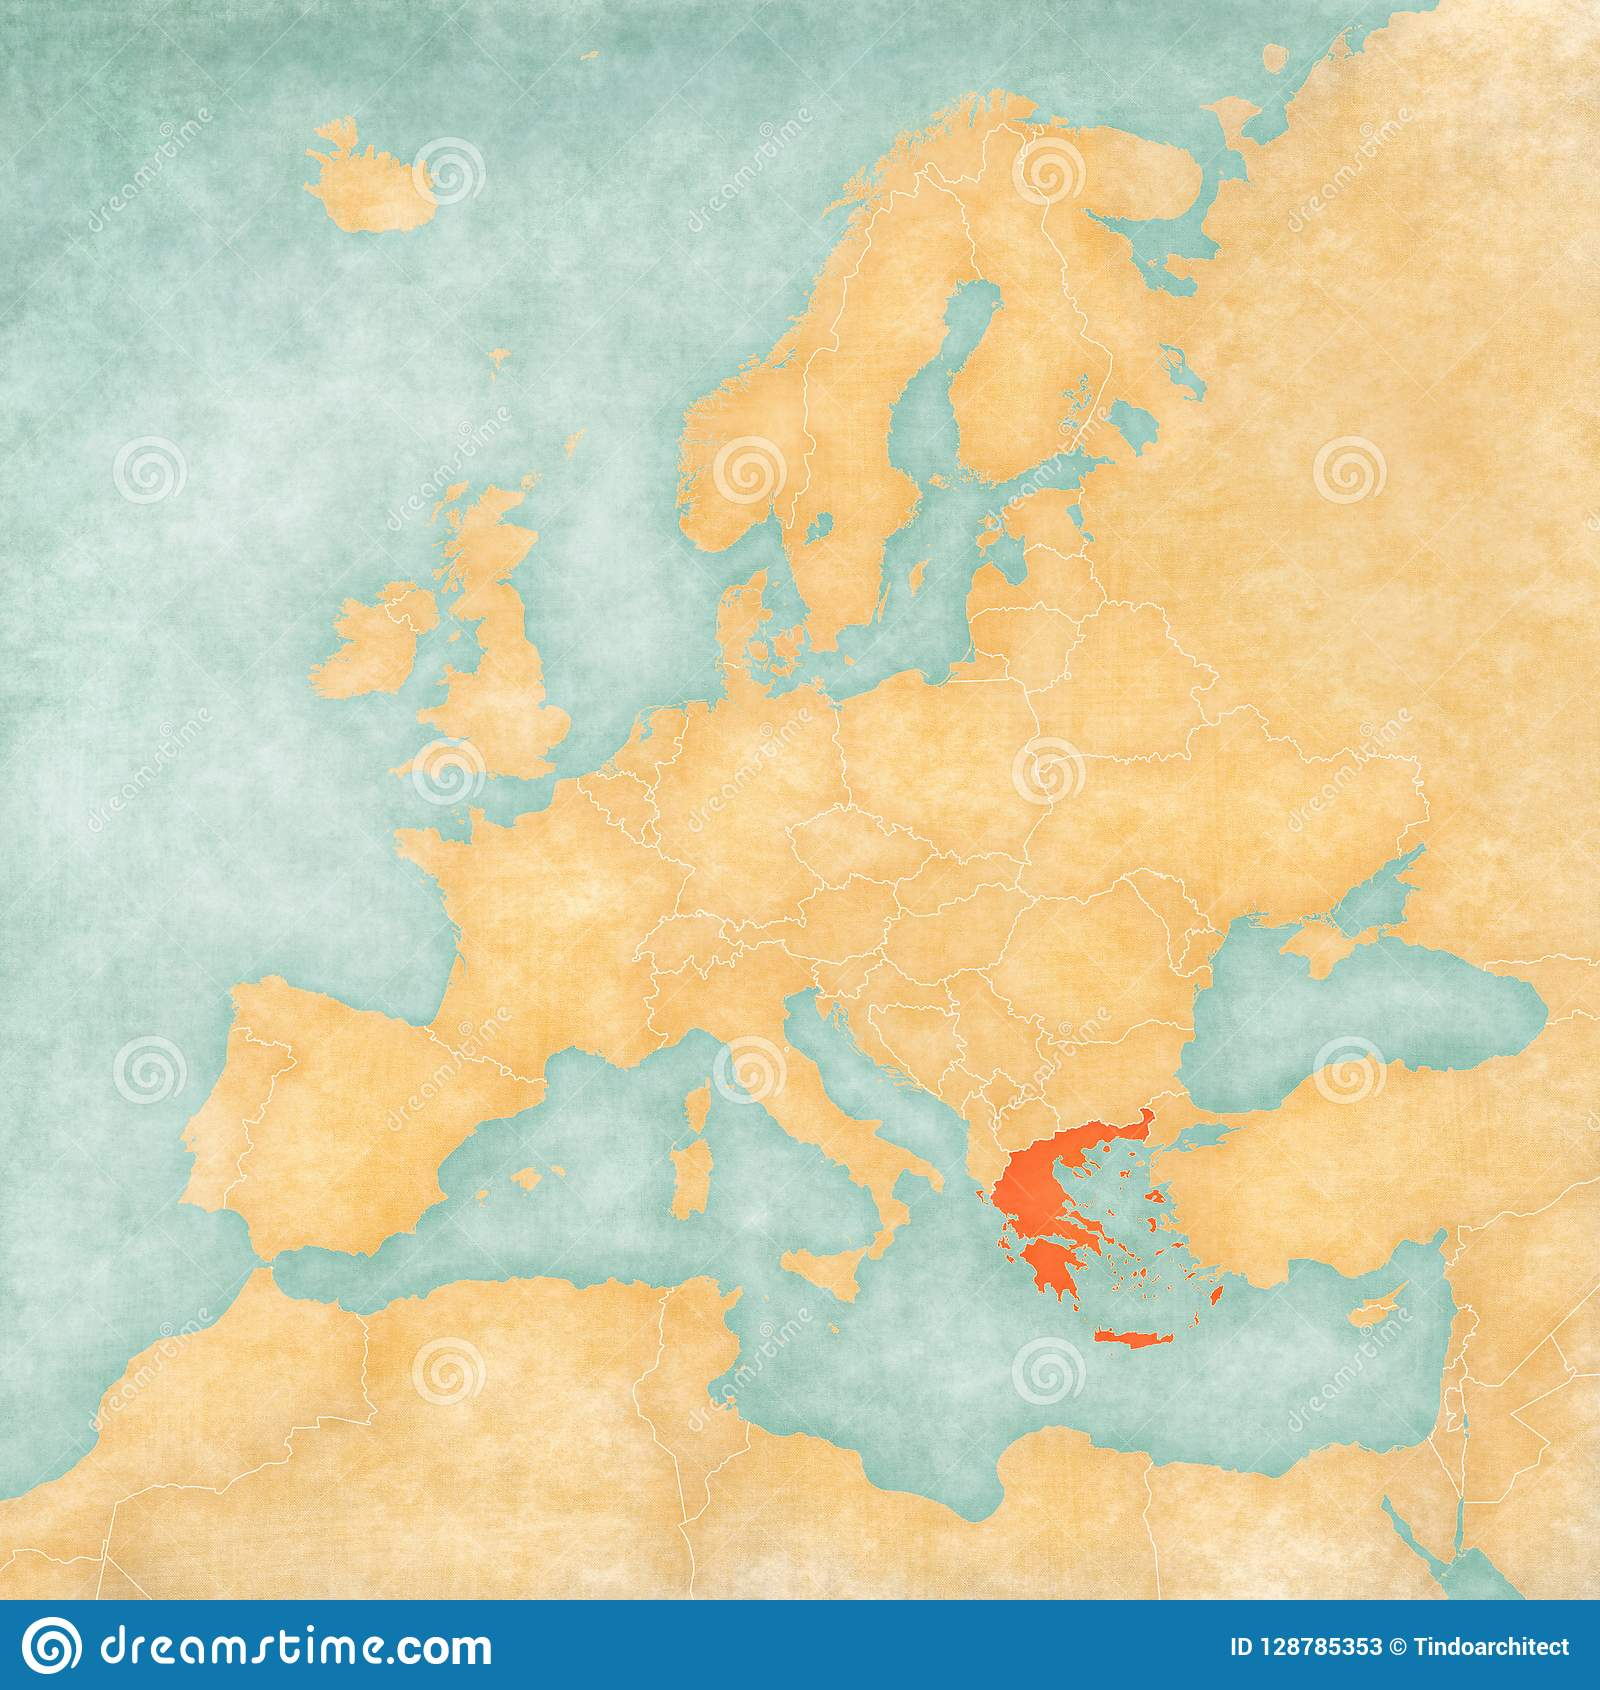 Carte De Leurope Grece.Carte De L Europe La Grece Illustration Stock